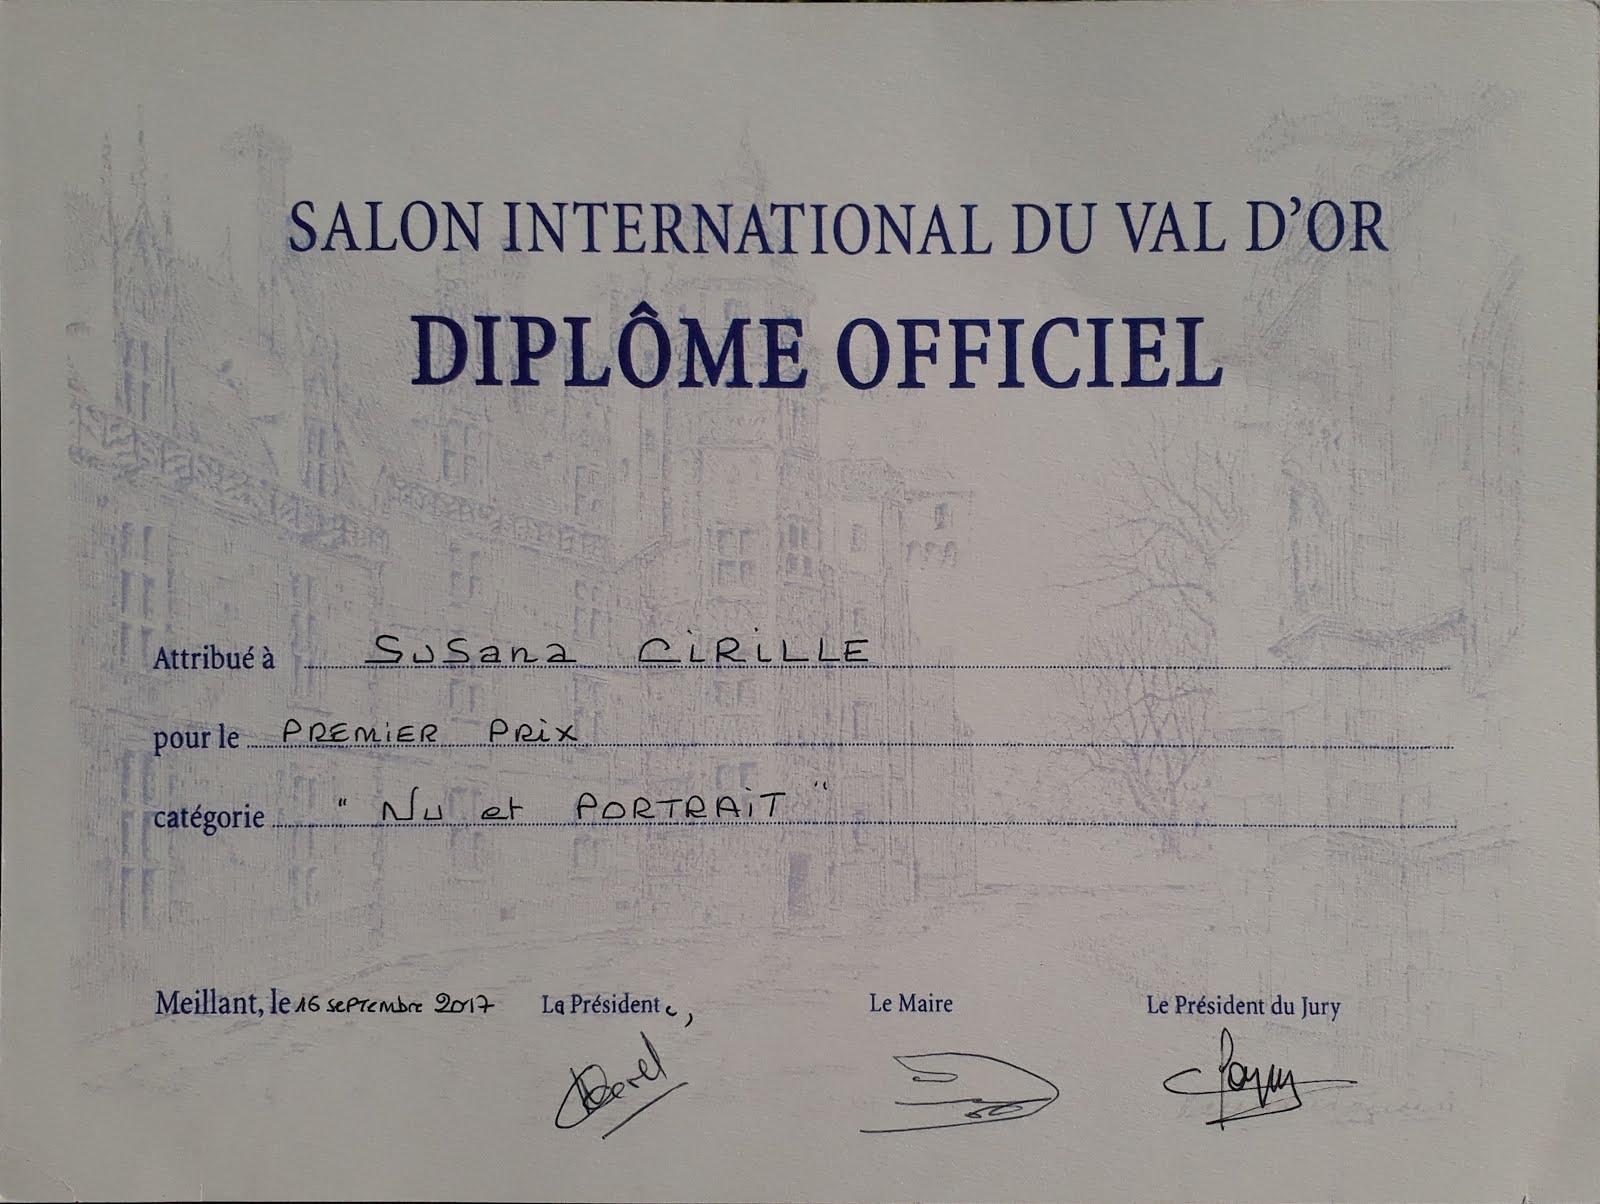 Francia - Salón du Val d'Or 2017